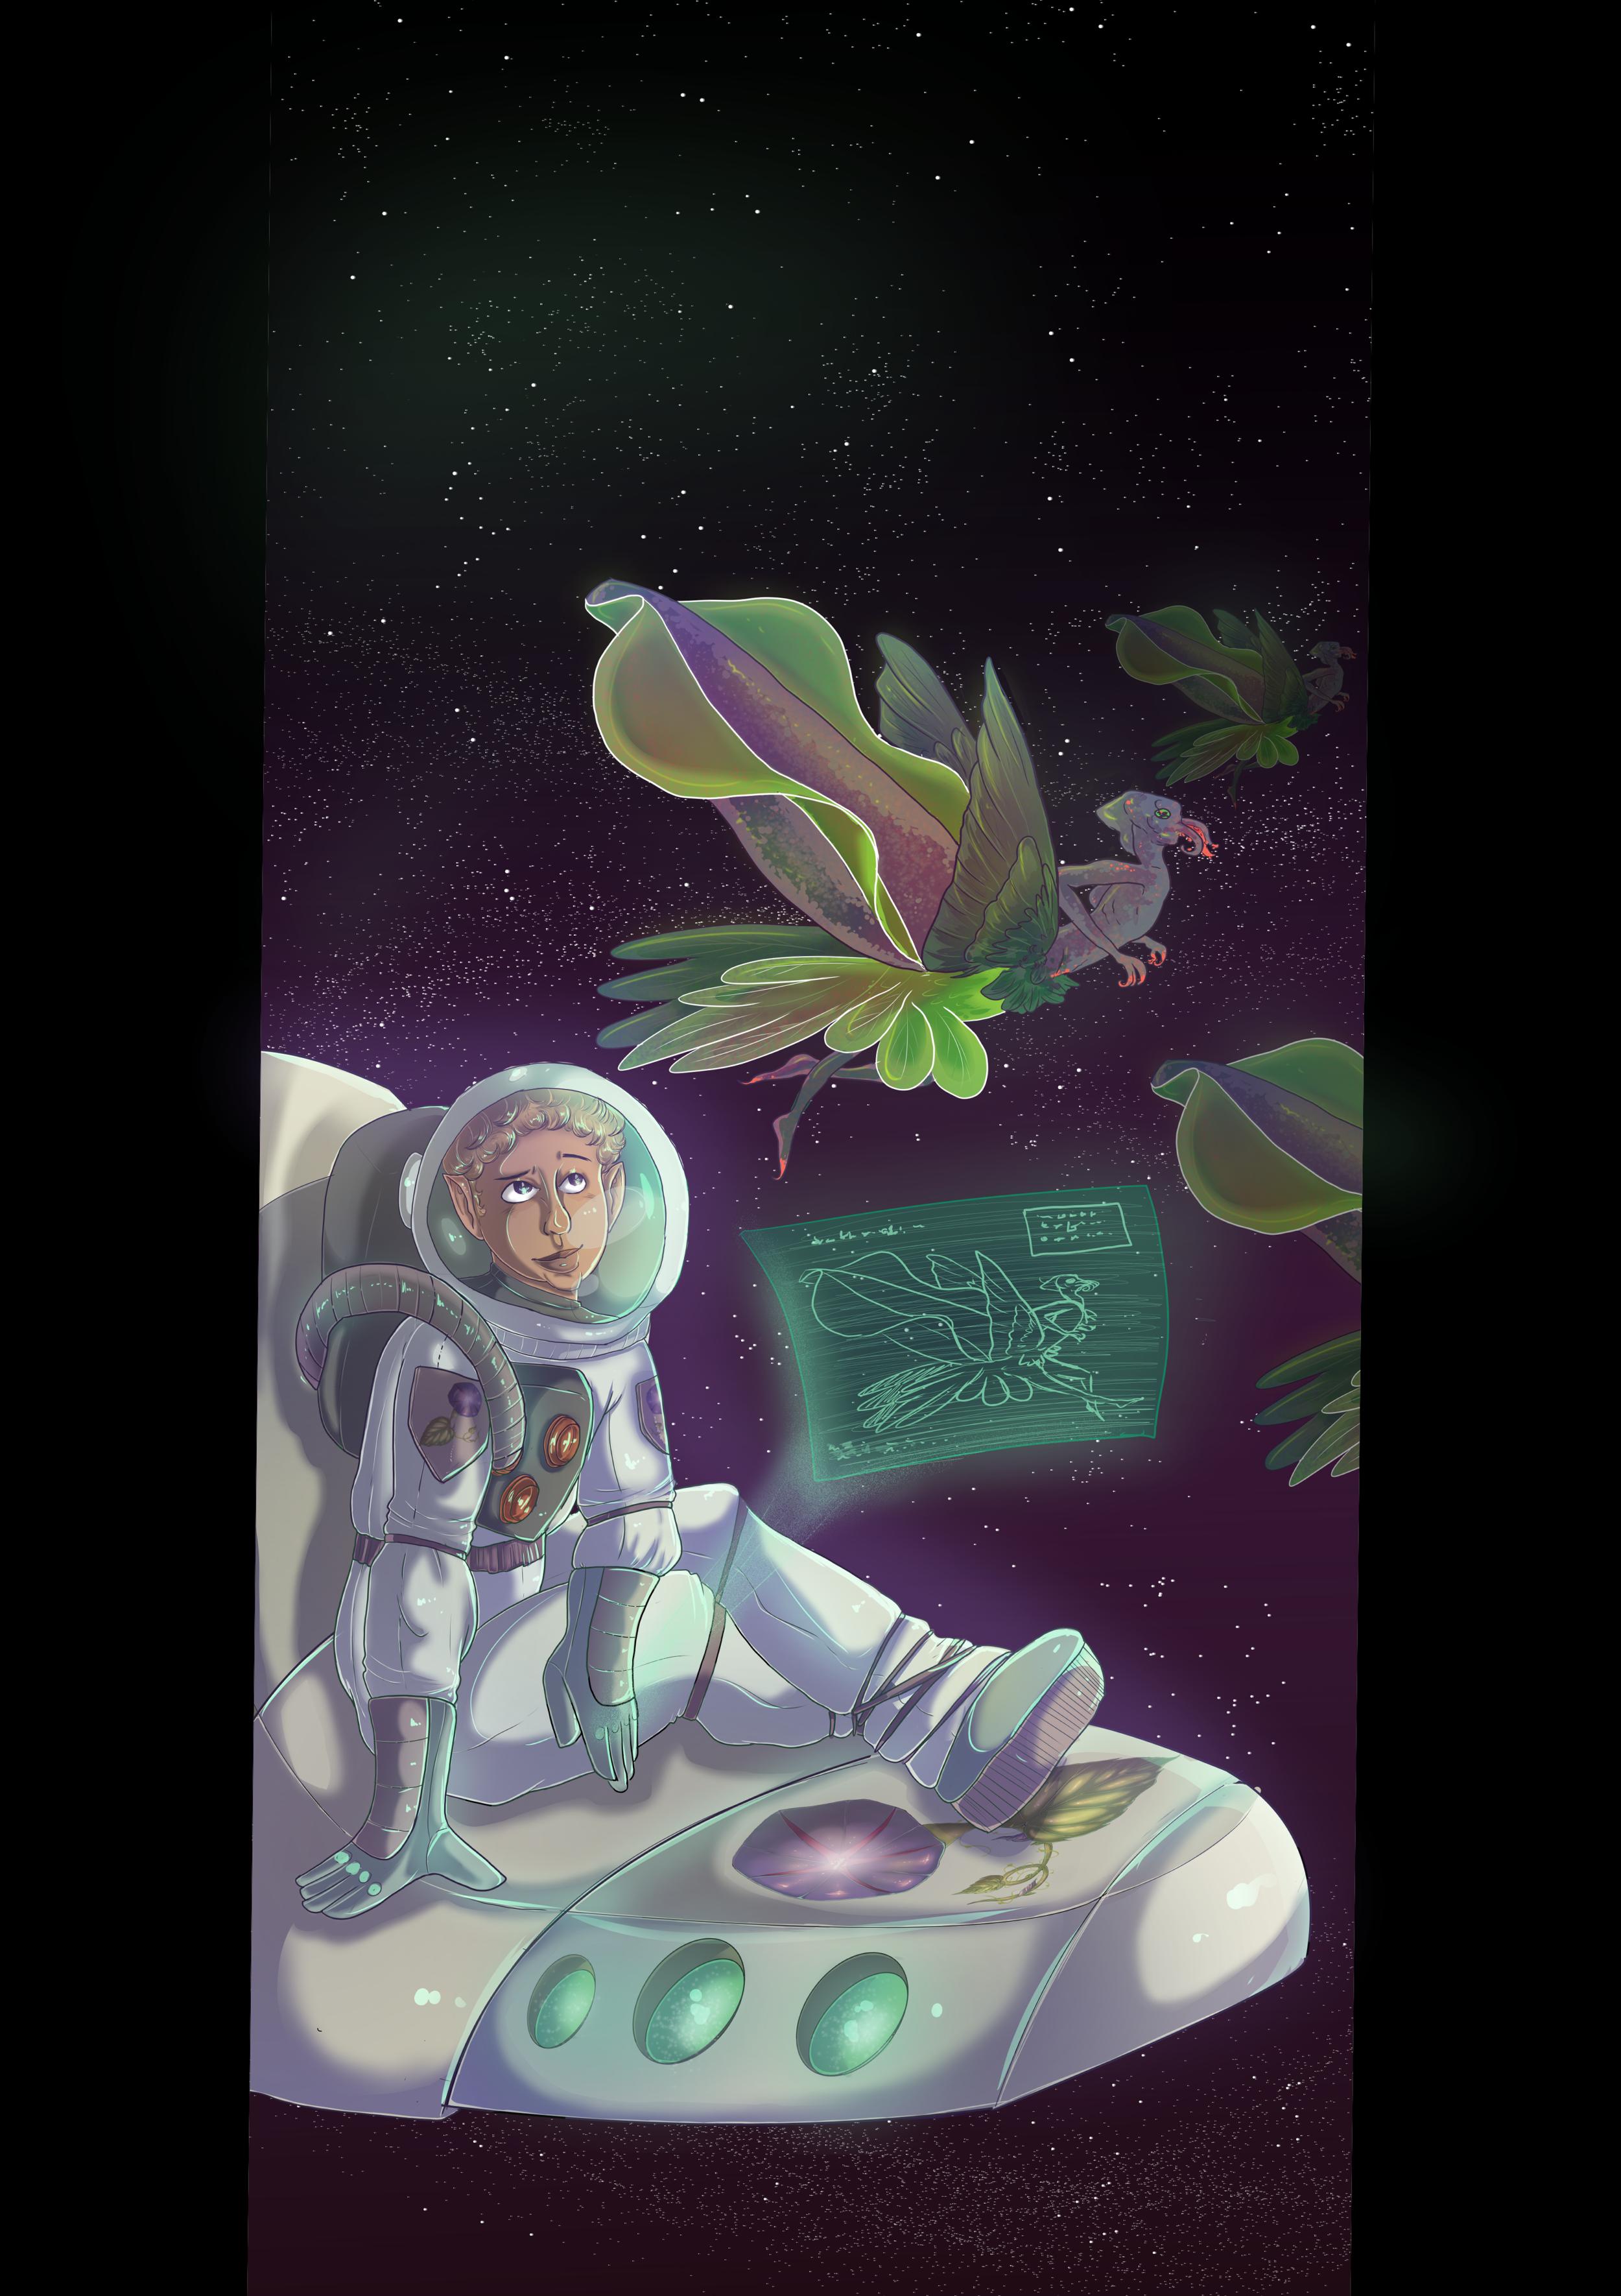 alien ship illustration.png